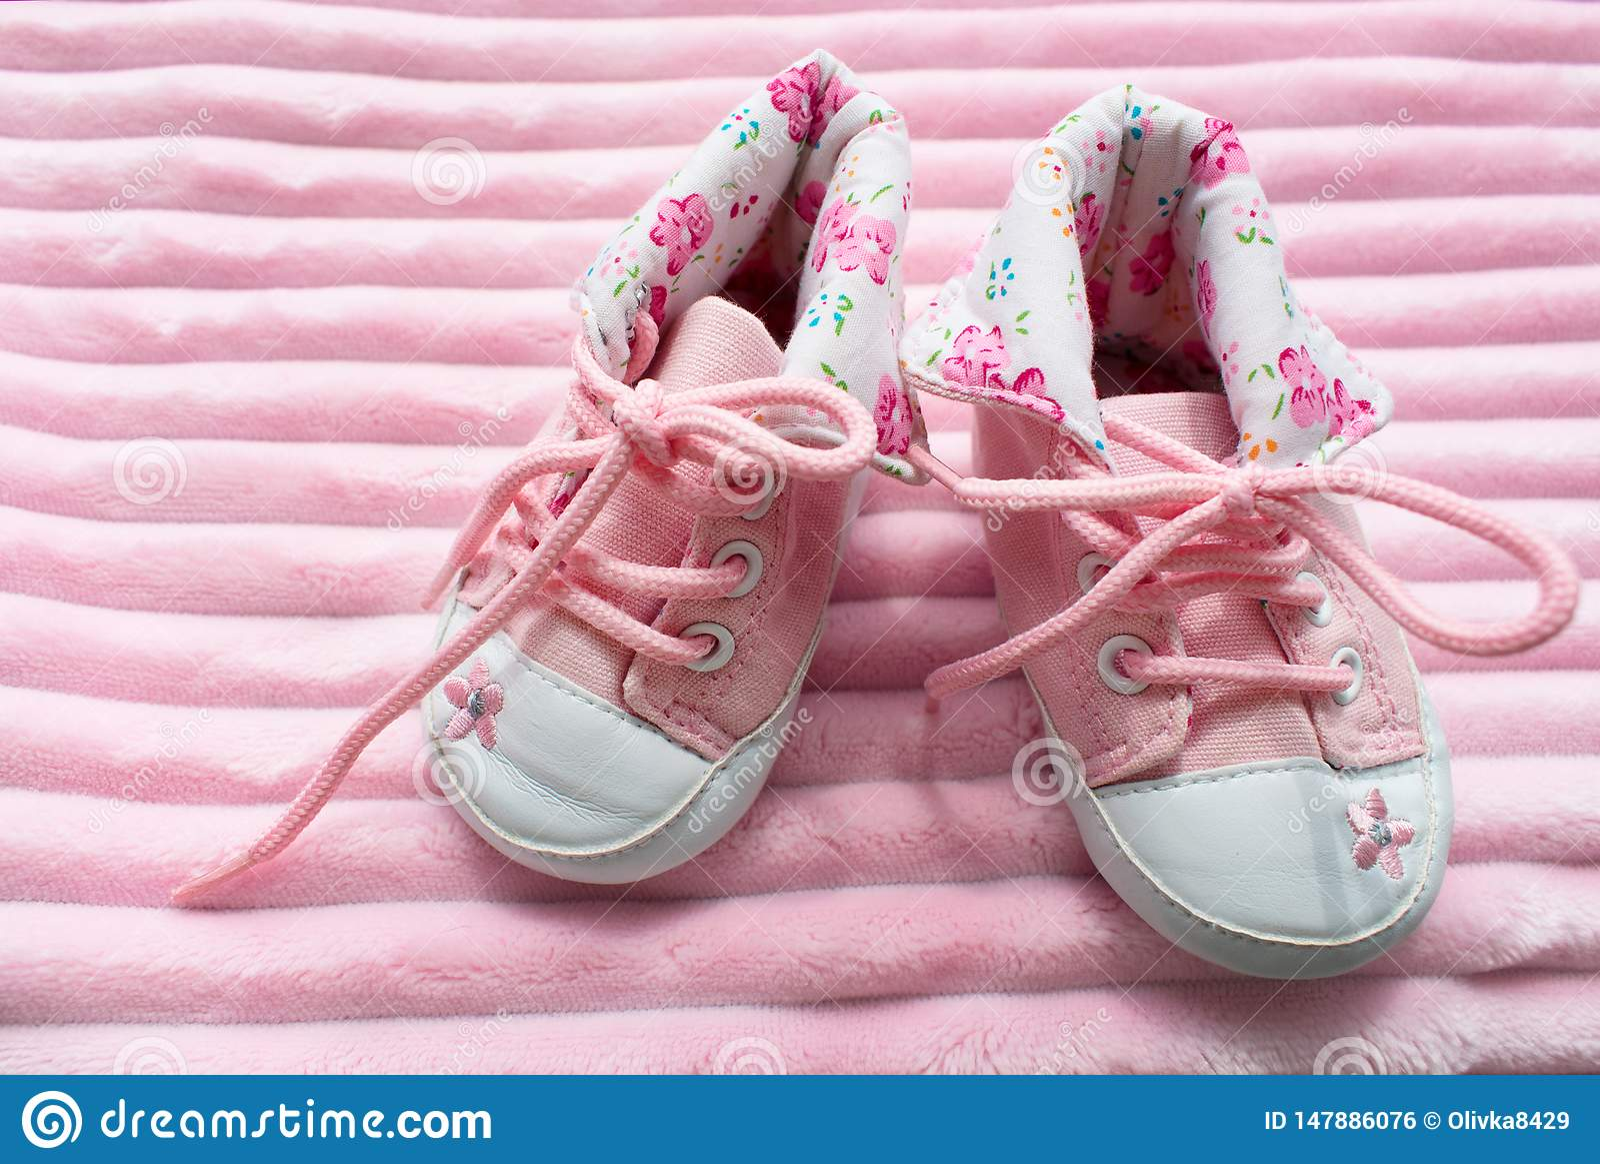 一个对女孩的儿童的运动鞋桃红色背景的